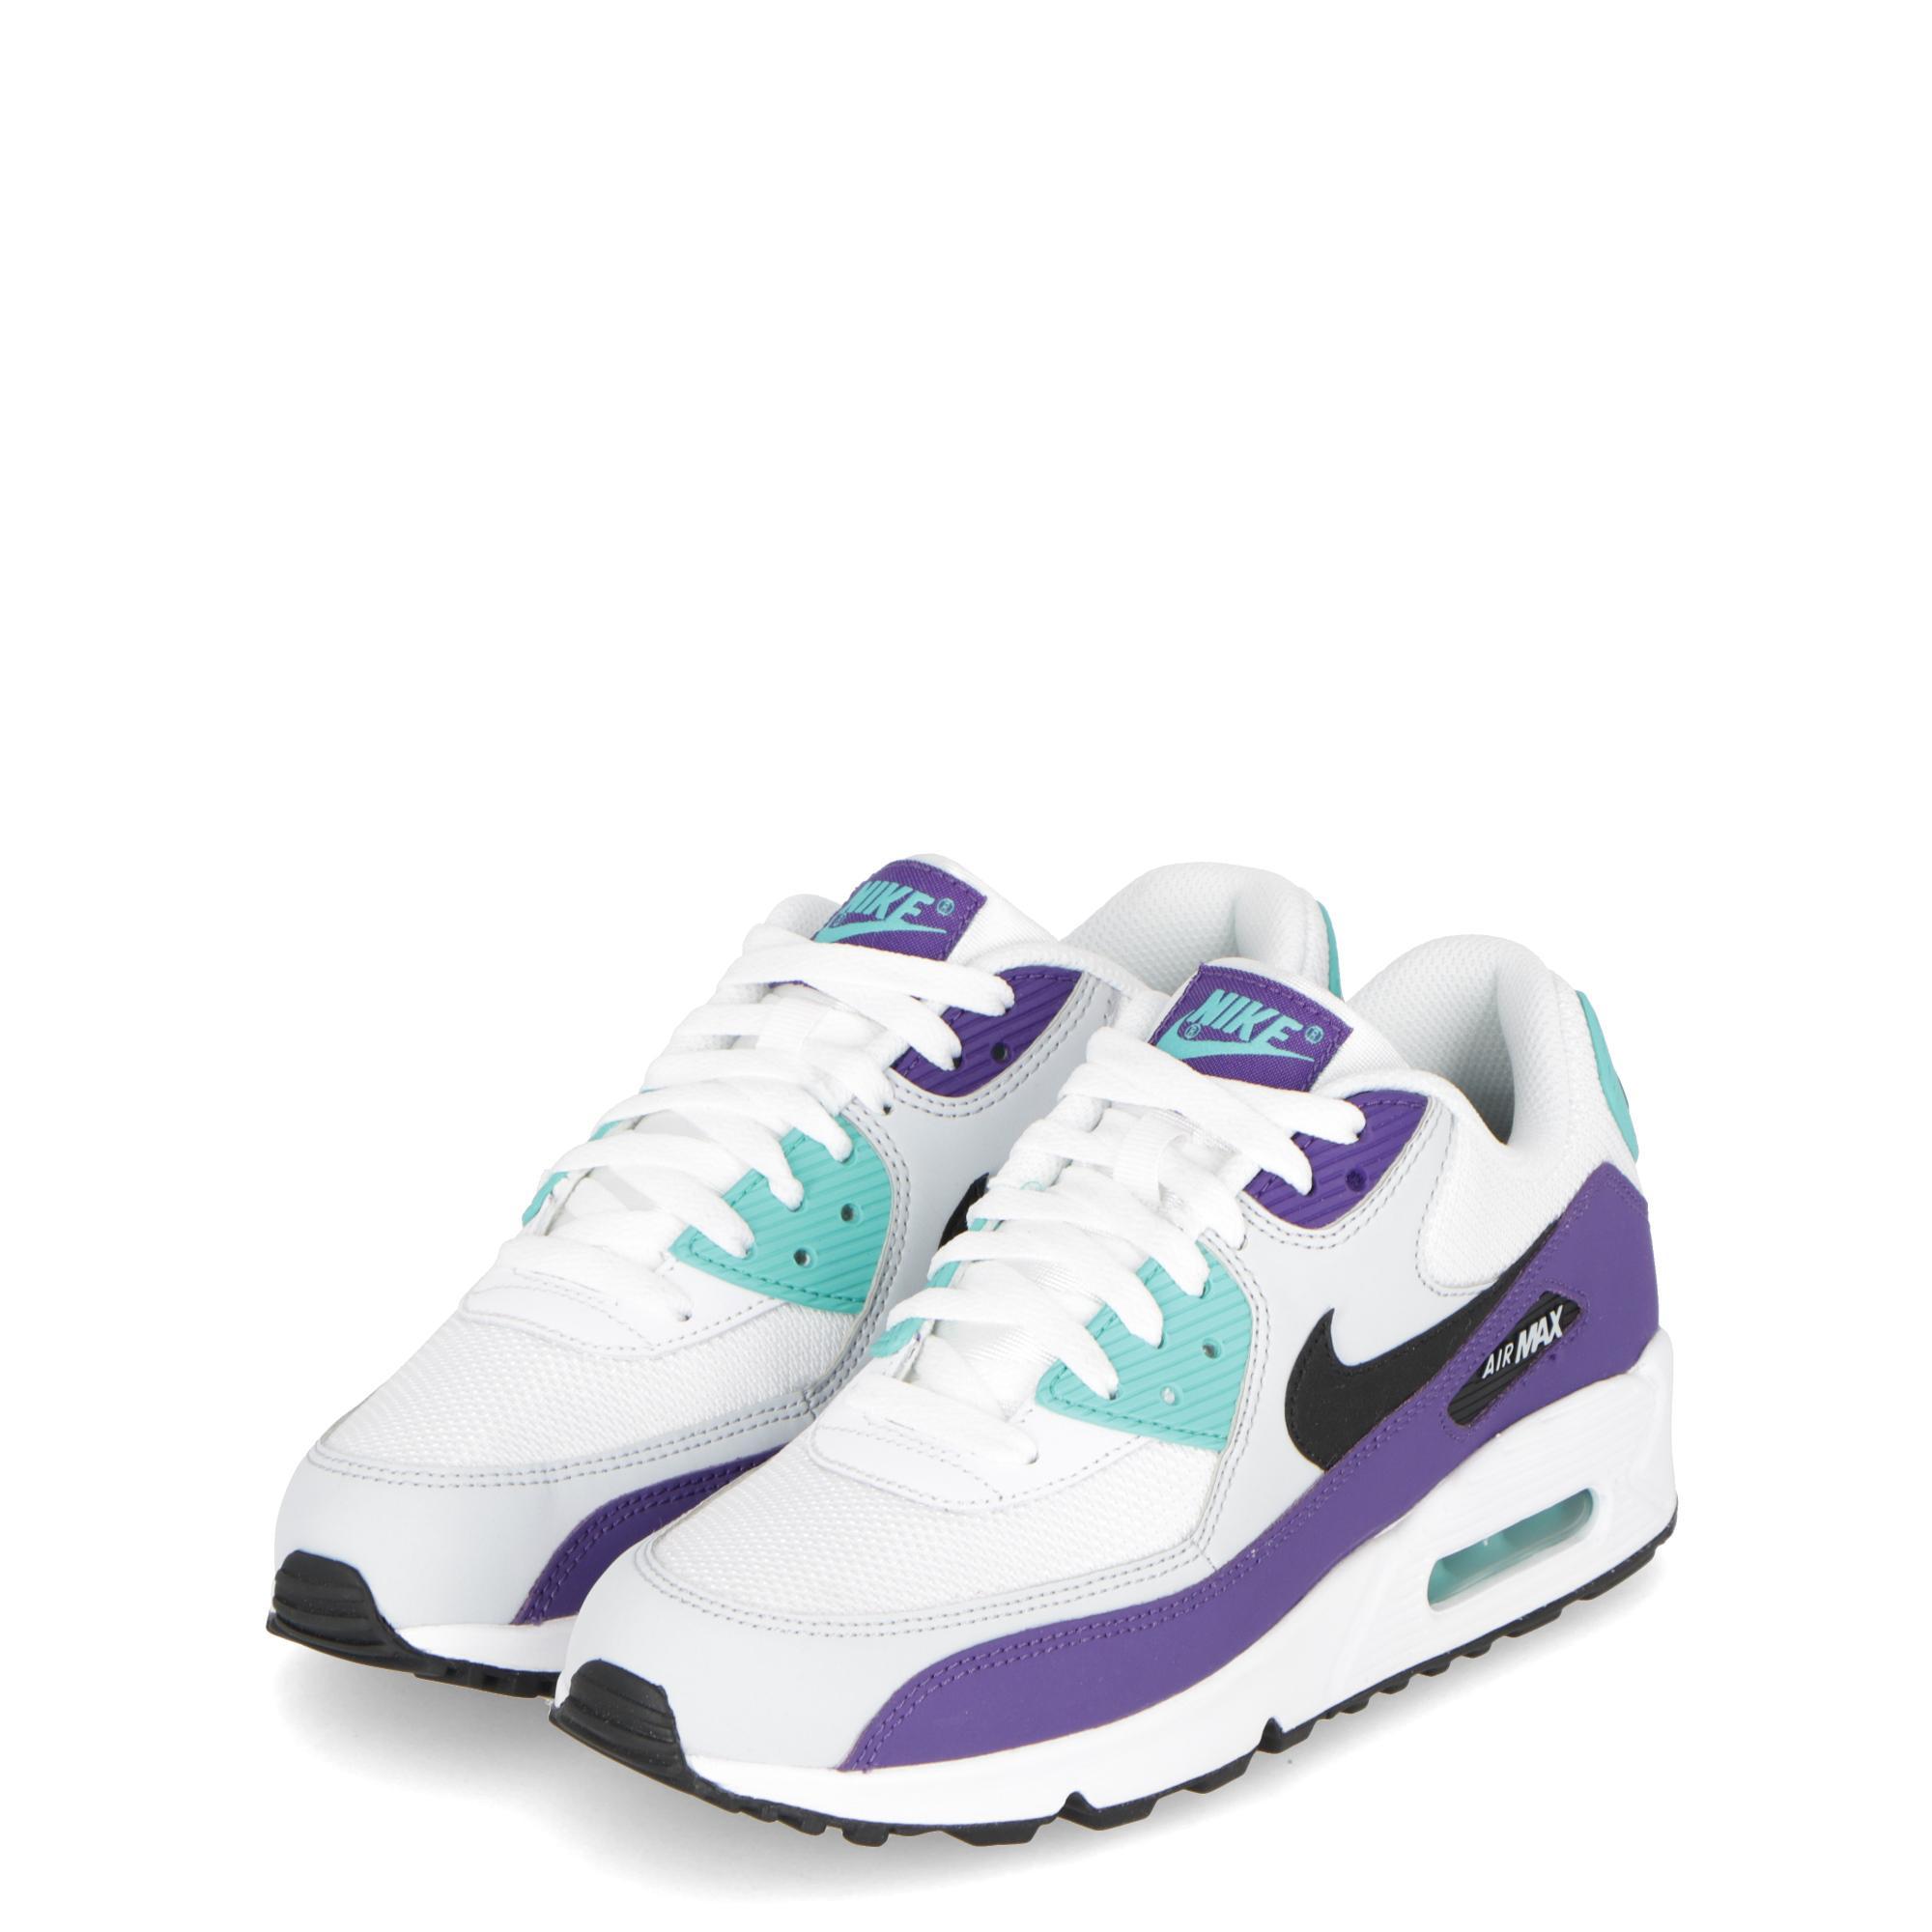 Nike Air Max 90 Essential White Black Purple  6a20bab46